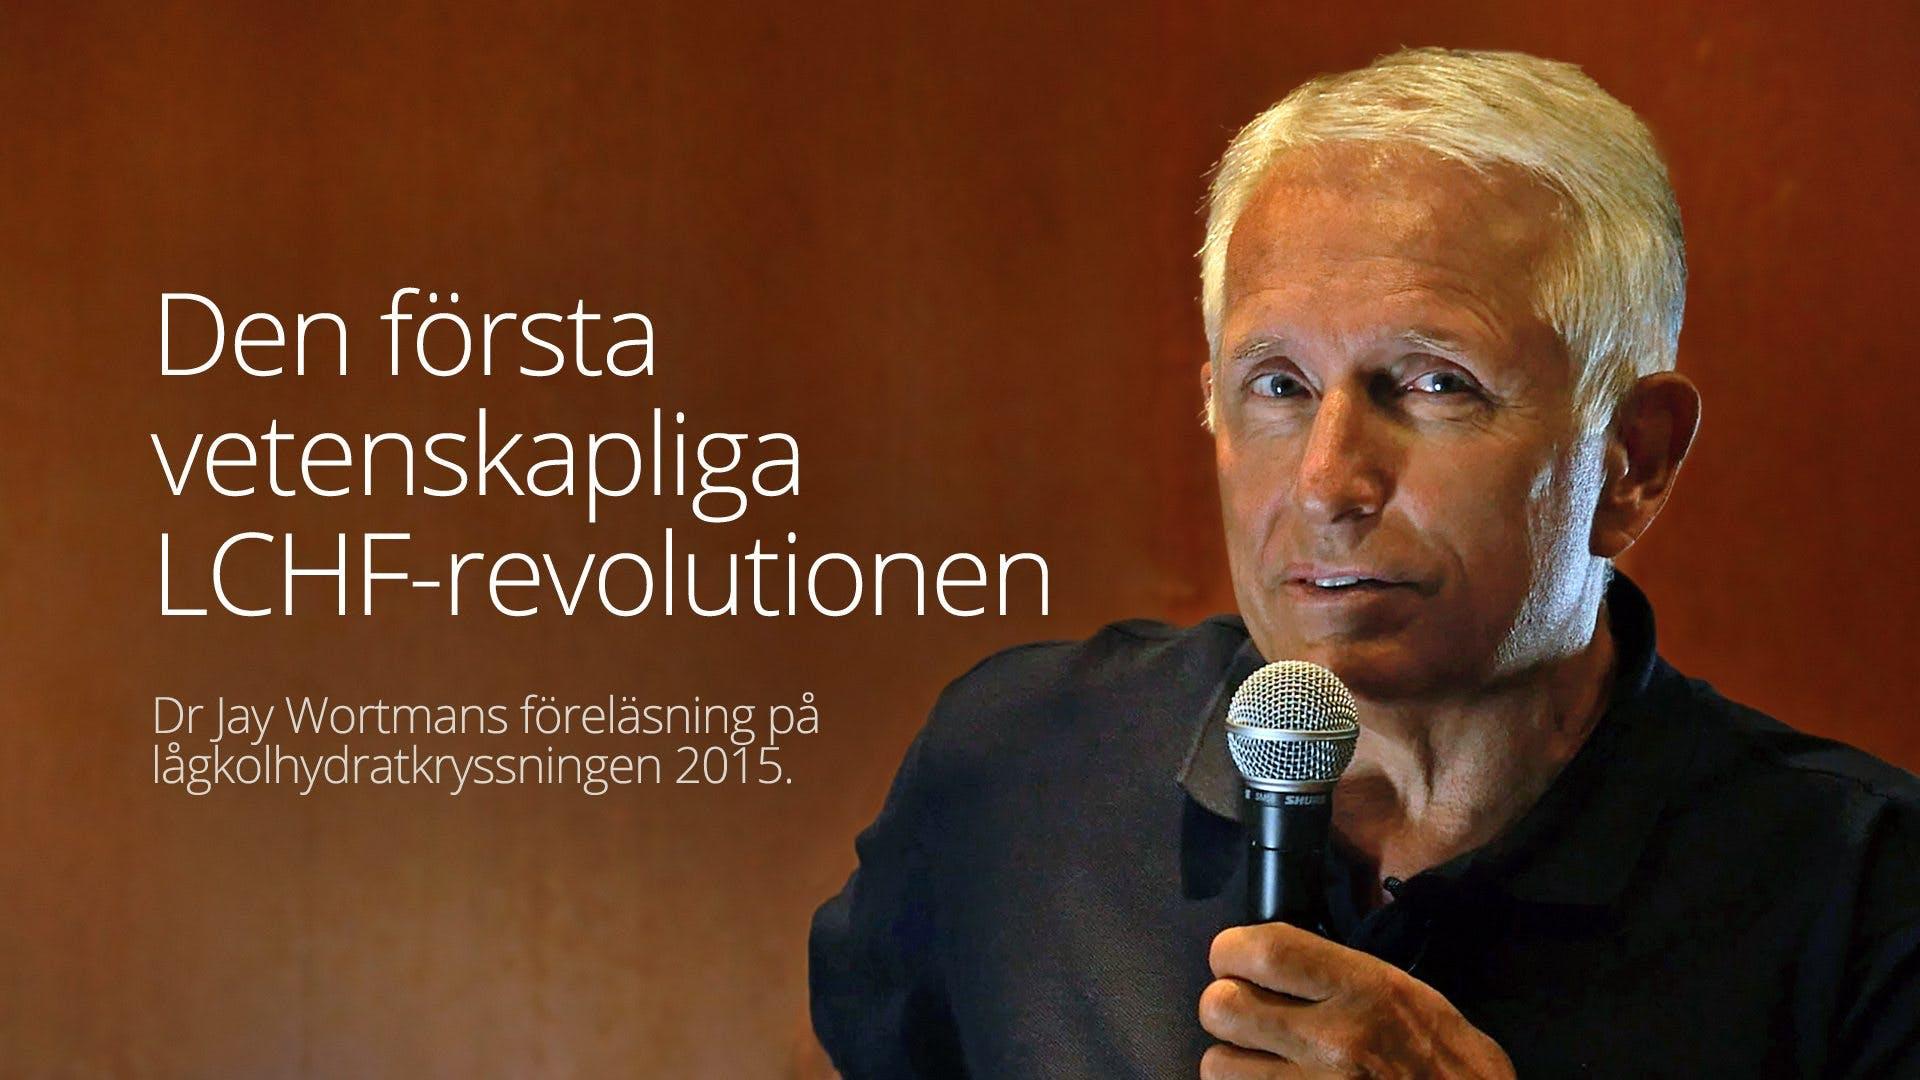 Den första vetenskapliga LCHF-revolutionen - Dr Jay Wortman